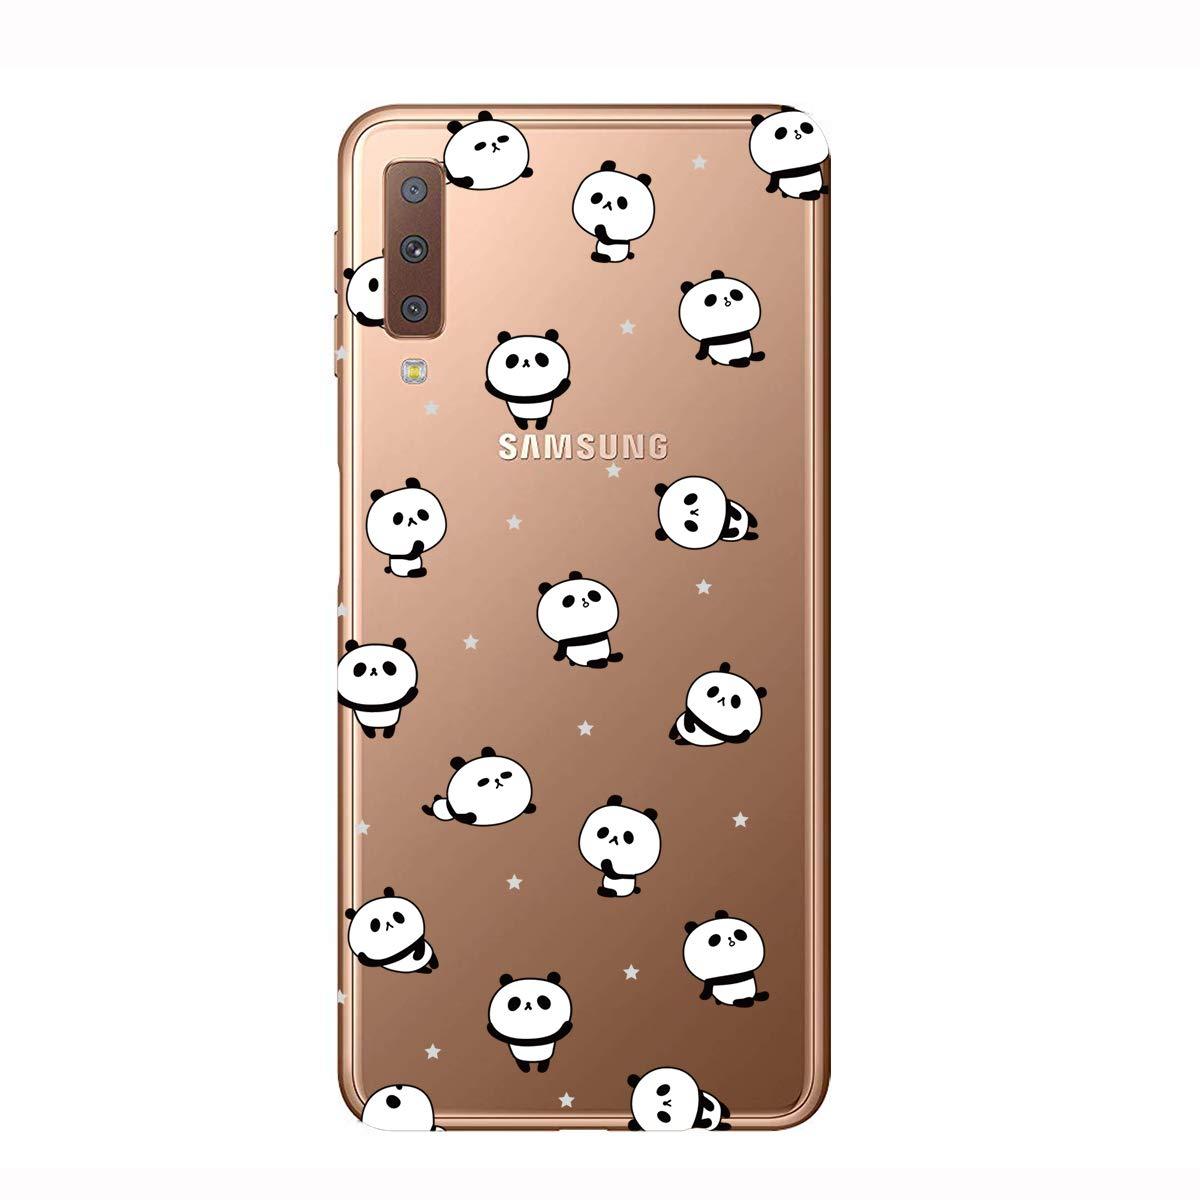 HopMore 3X Coques Coque pour Samsung Galaxy A7 2018 Transparente Motif Swag Silicone Souple Etui Antichoc Mince Fine Case /Étui Housse Transparent Design pour Fille Femme Homme Panda Cactus Queen